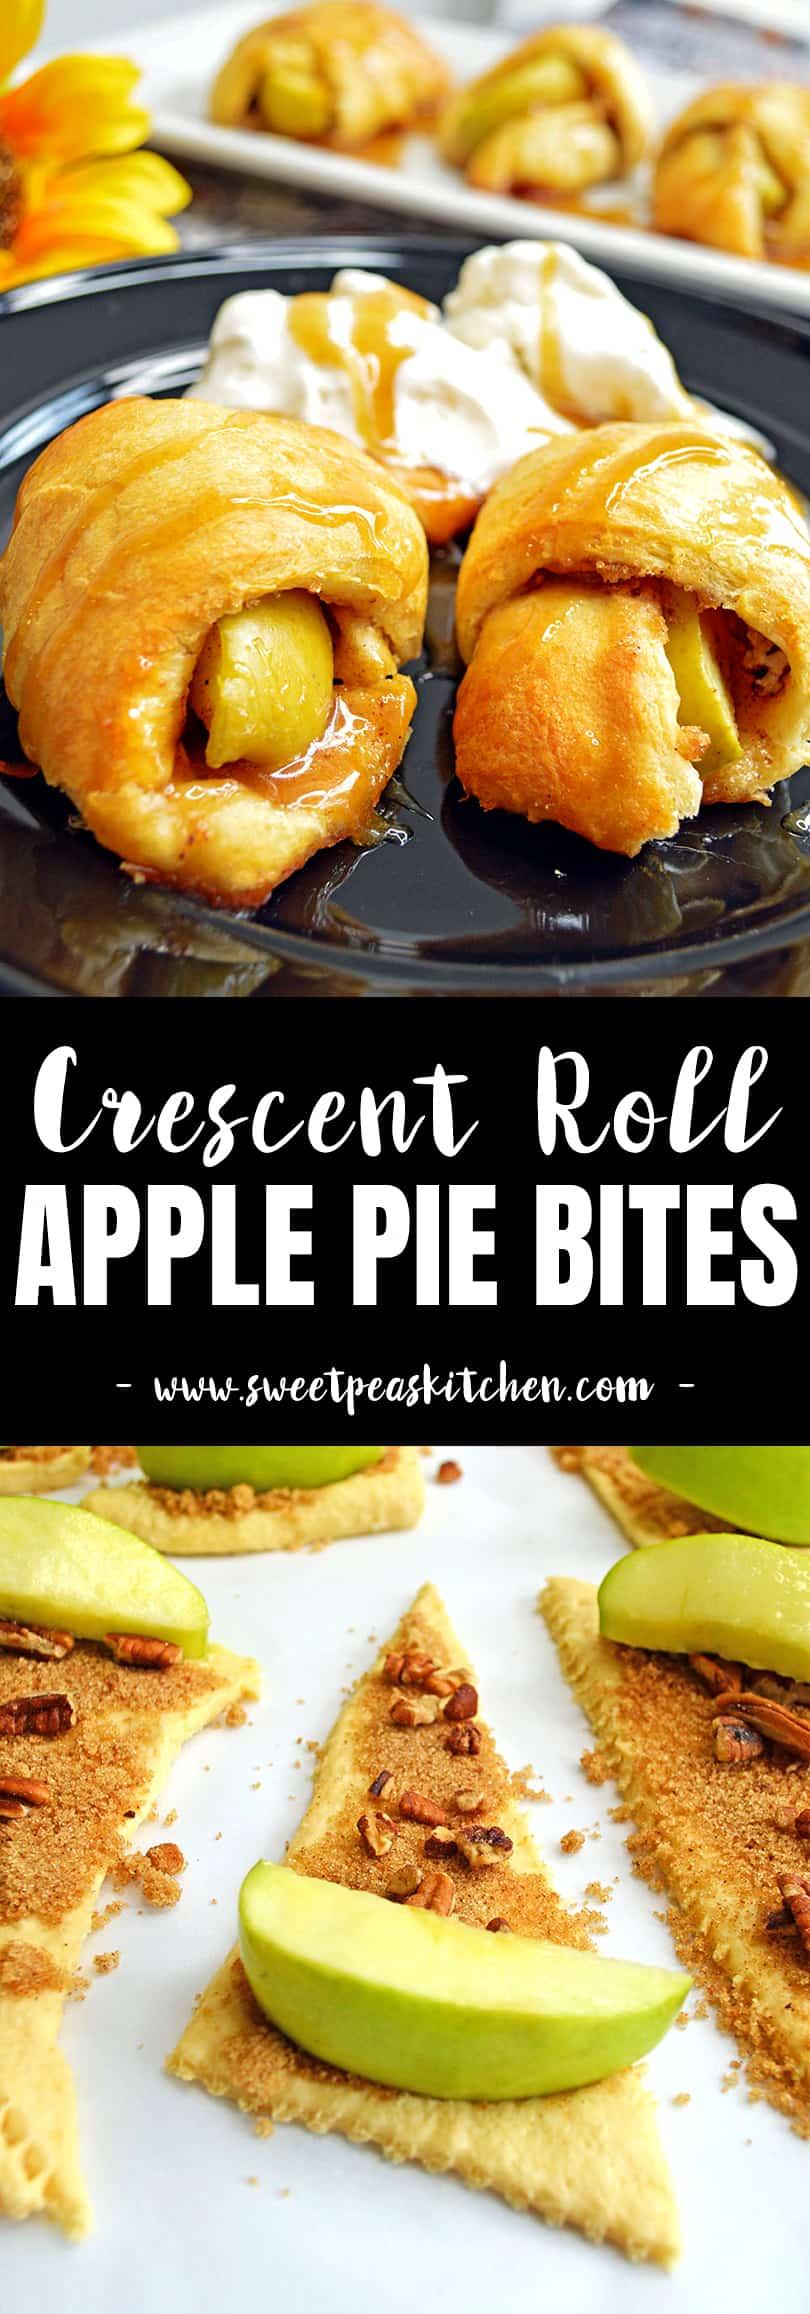 Crescent Roll Apple Pie Bites Recipe